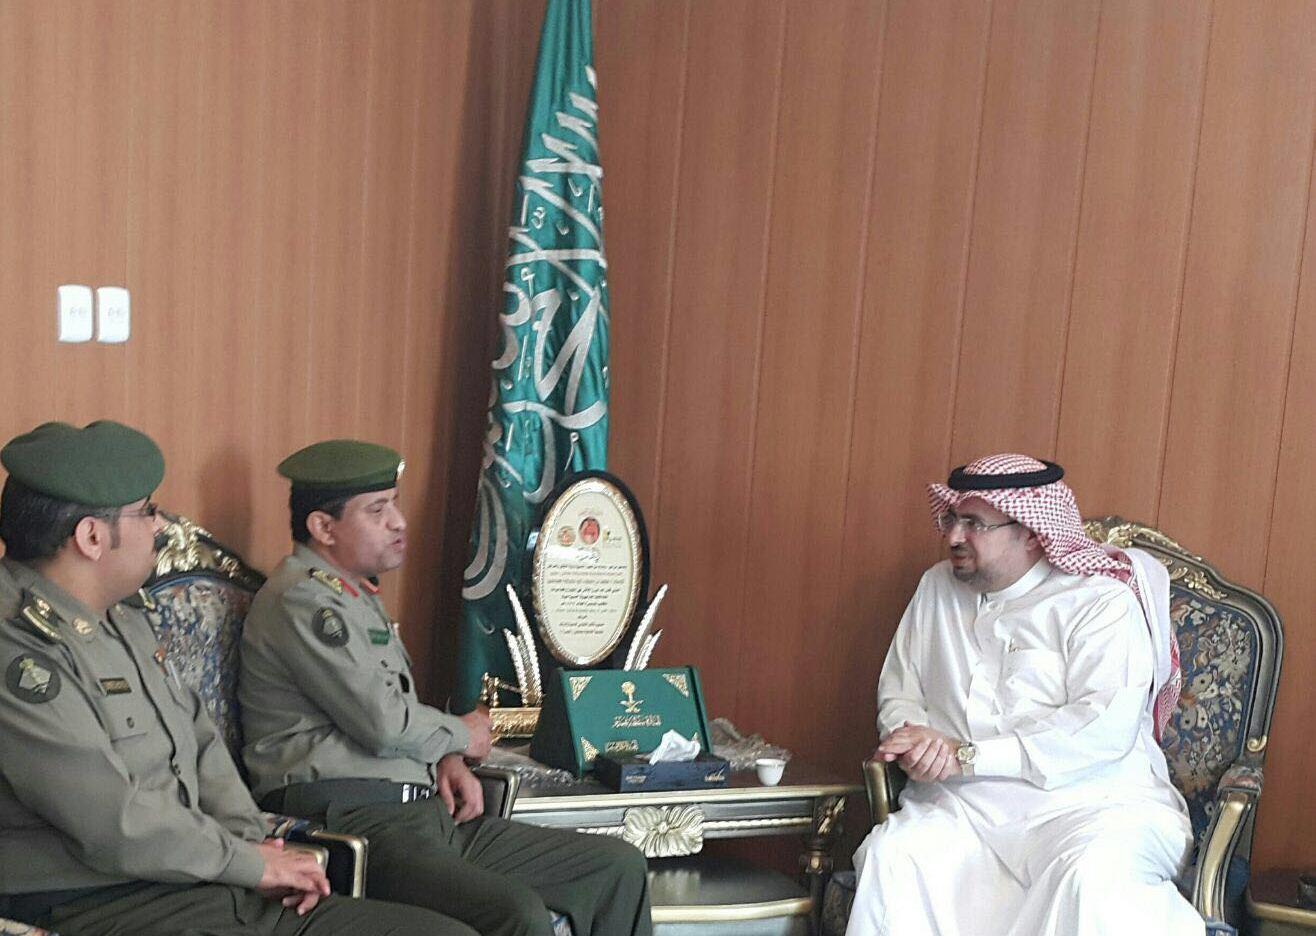 مدير جوازات عسير العميد سعد بن ابراهيم الخالدي يتفقد ادارة جوازات محافظة محايل (1)